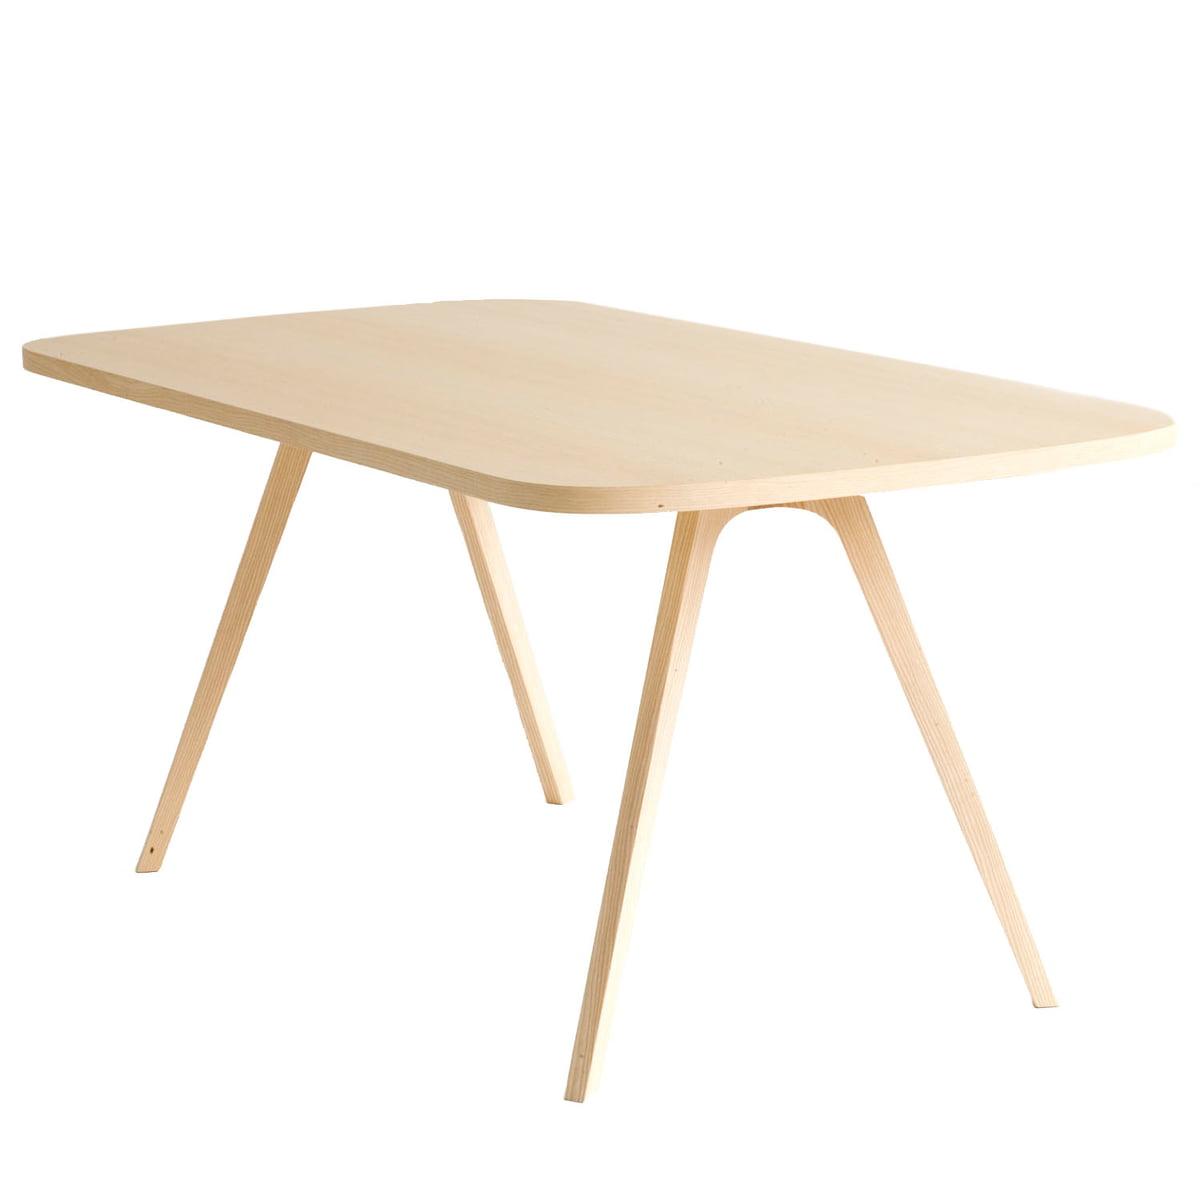 43 Tisch, 90 x 170 cm, Esche natur